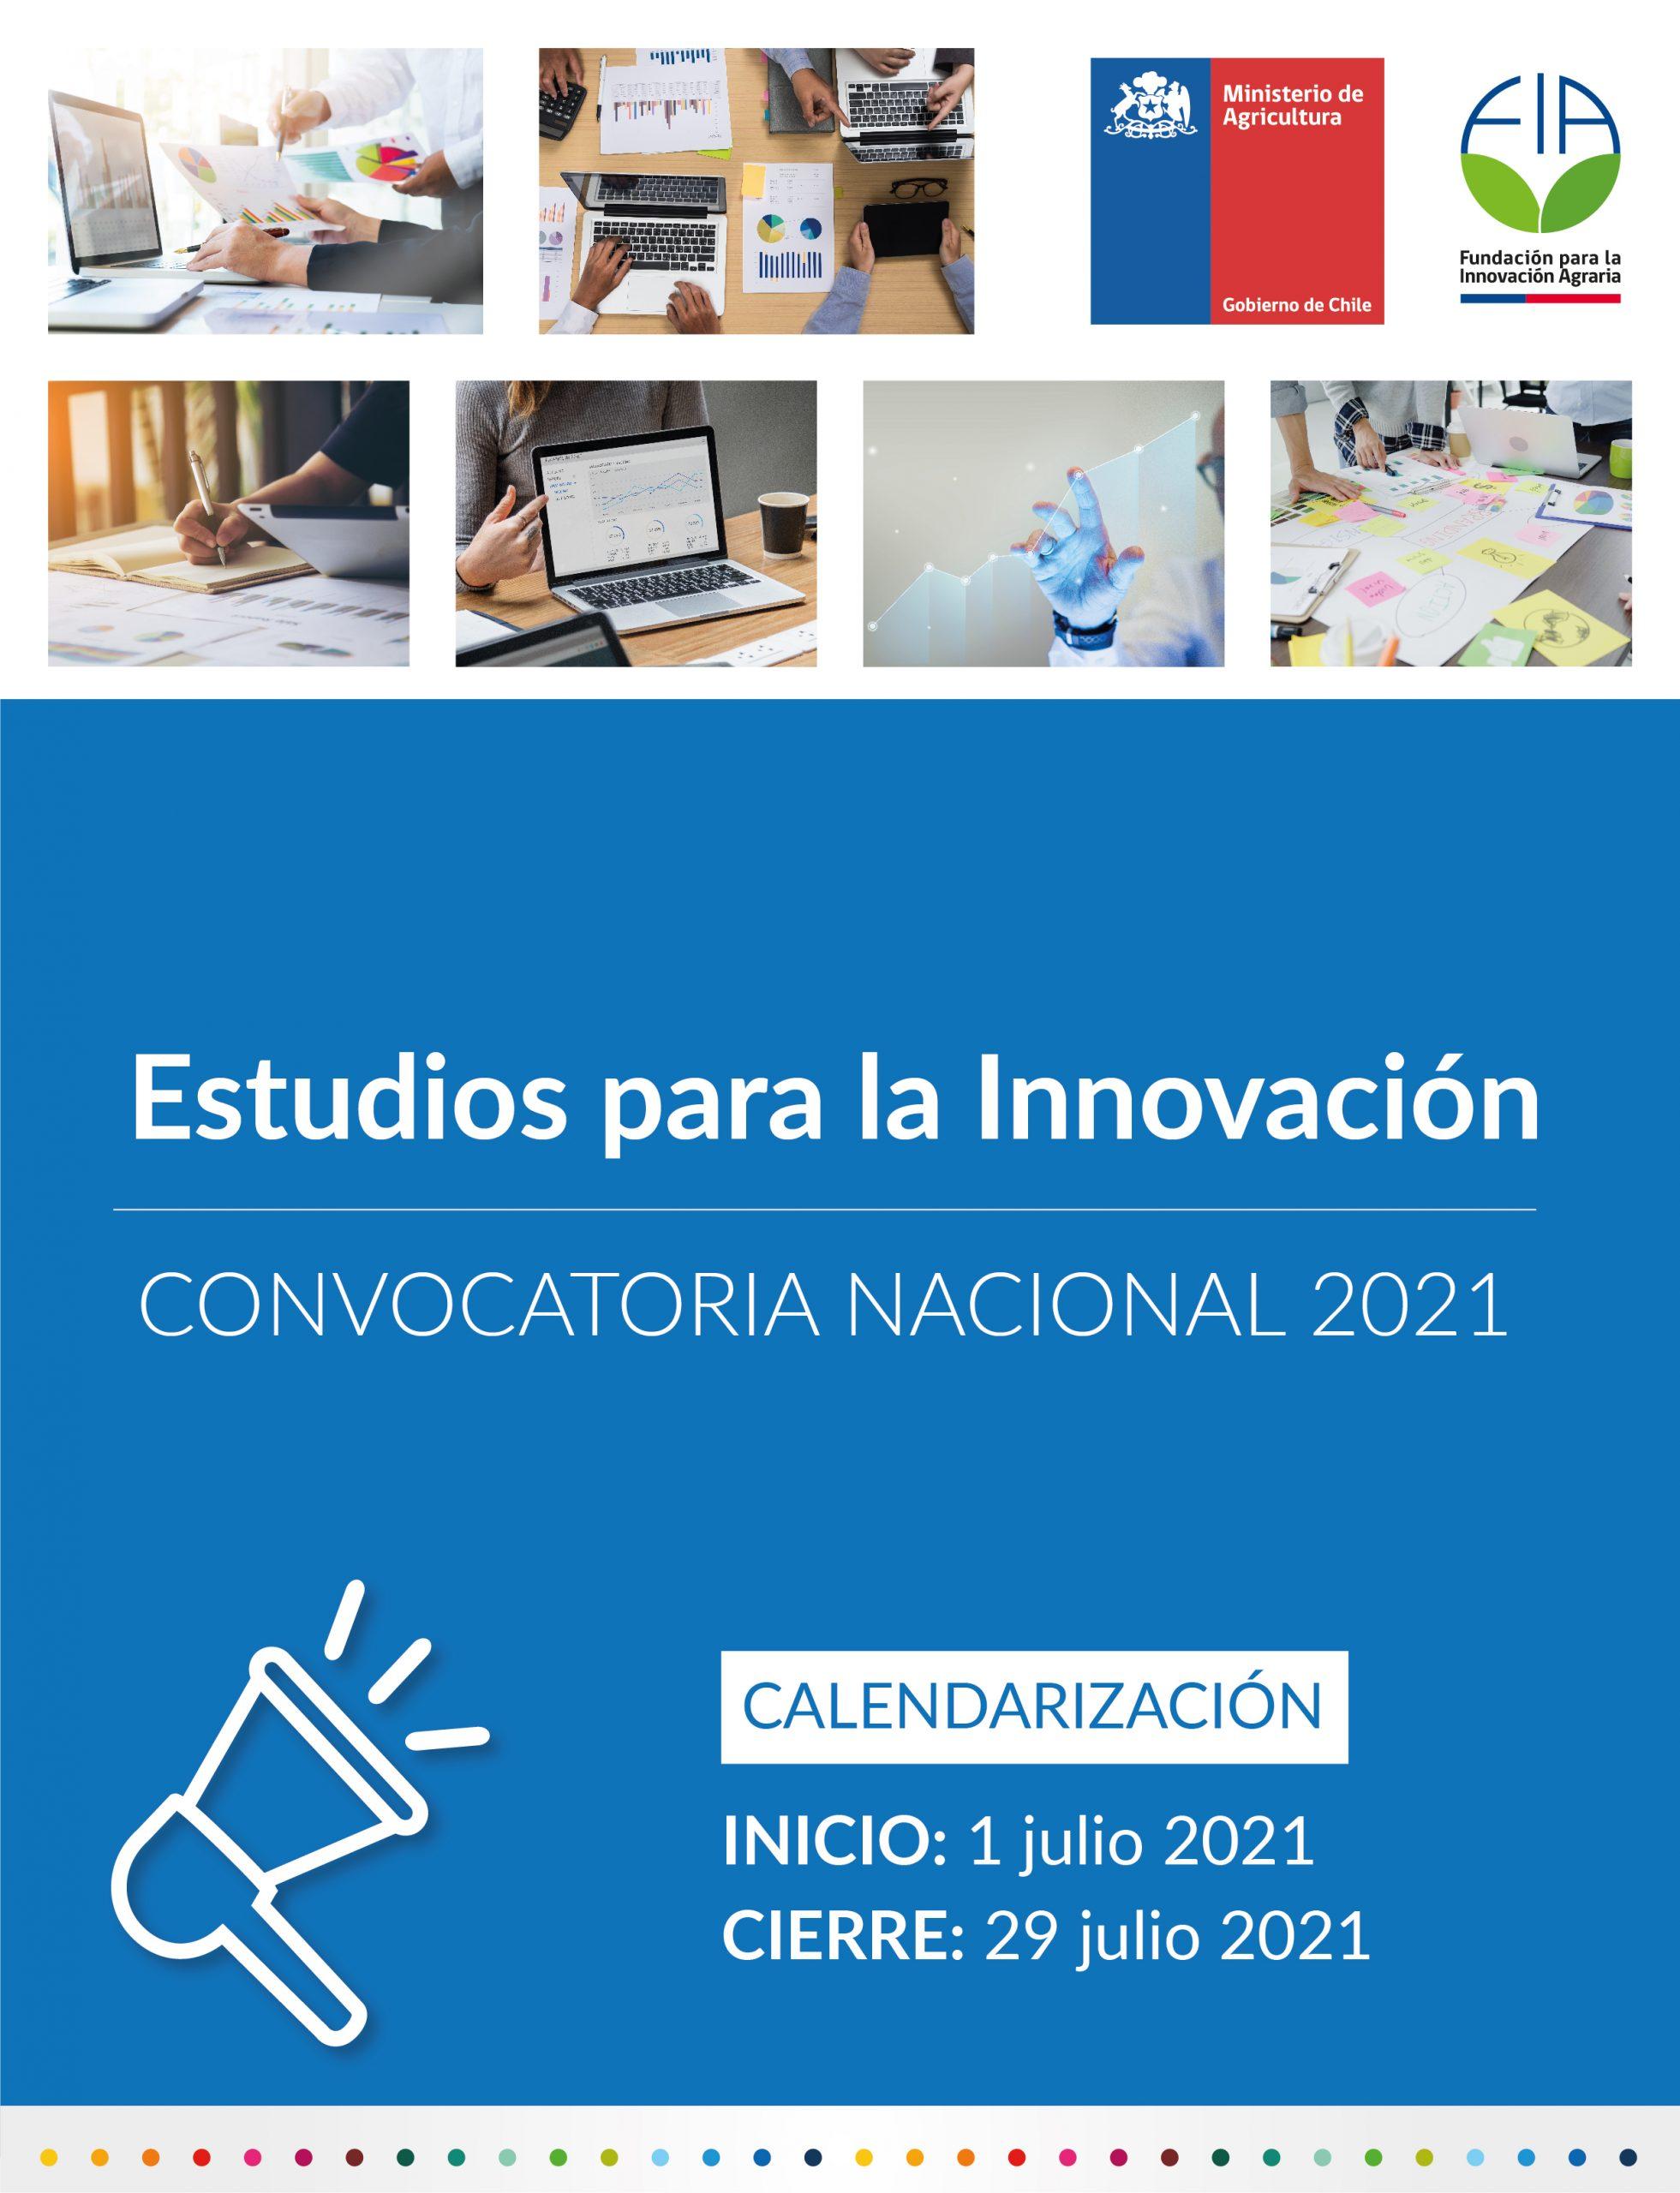 Estudios para la innovación 2021